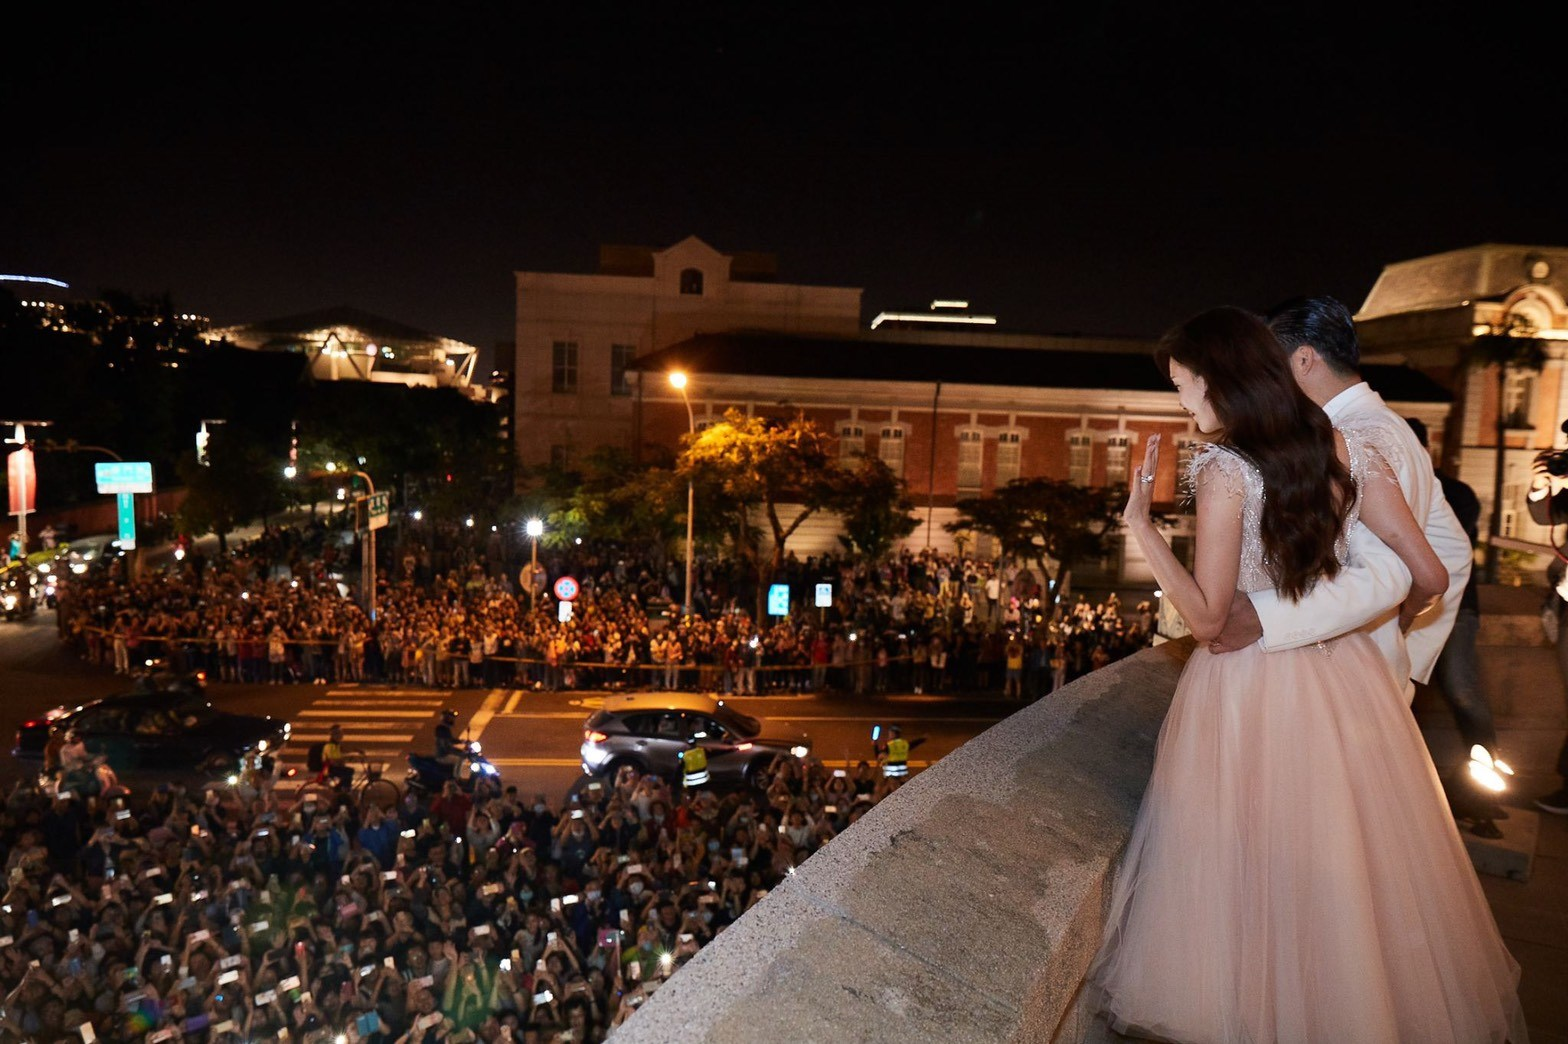 志玲和老公AKIRA也答謝到場祝賀的市民